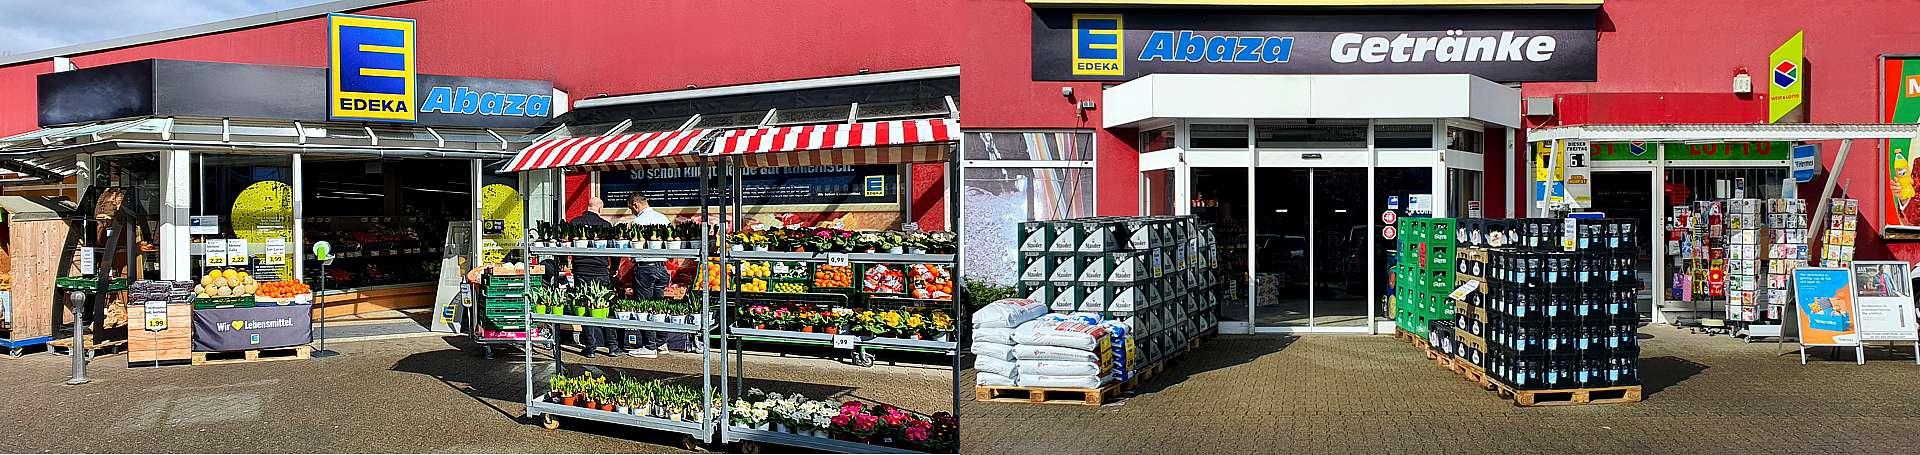 Ihr EDEKA-Markt Zur Beckhove 27-29